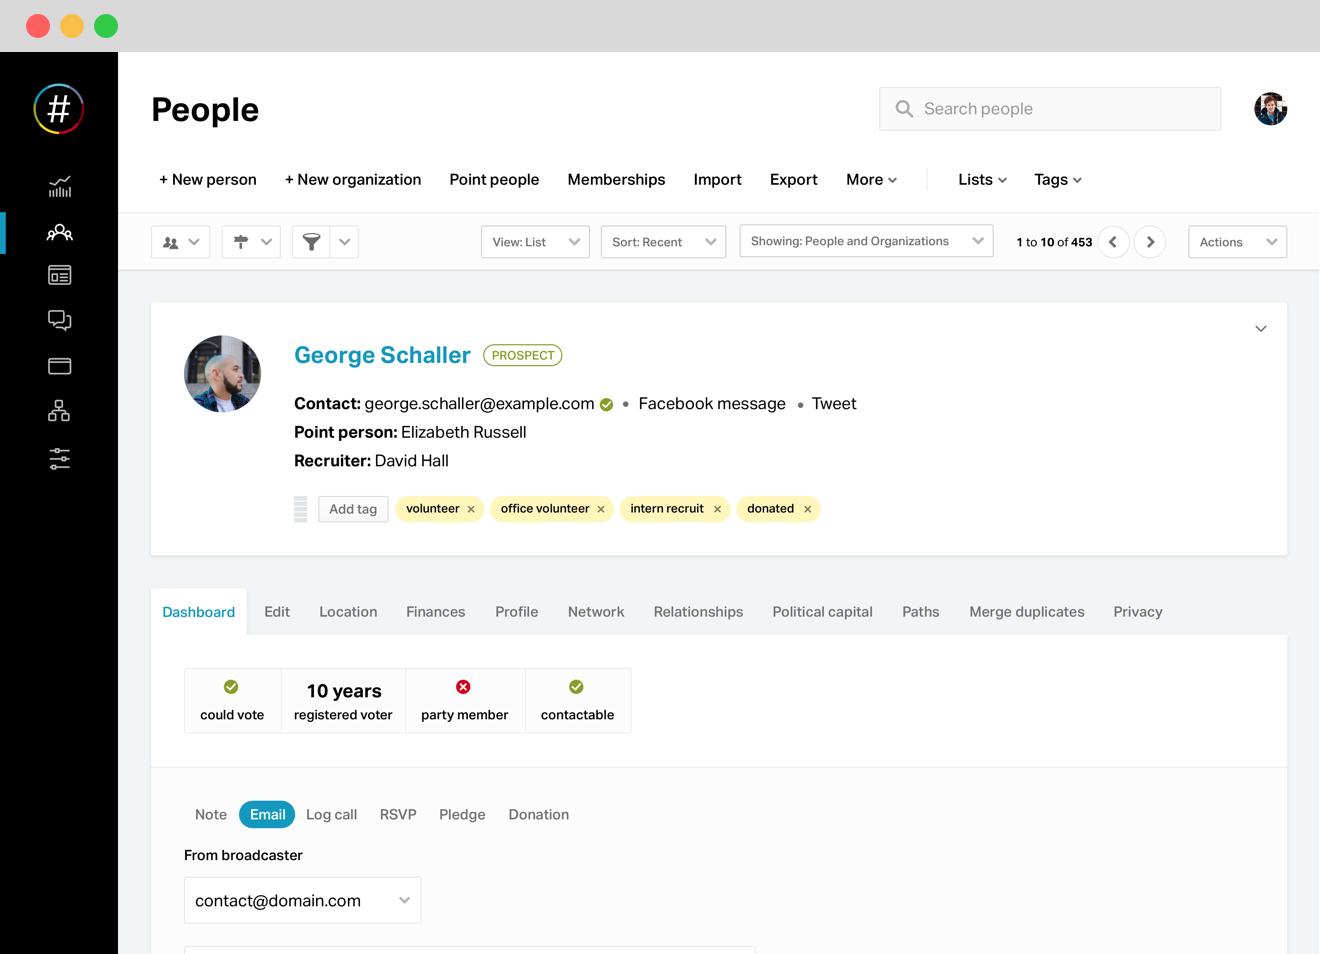 NationBuilder: Software for leaders